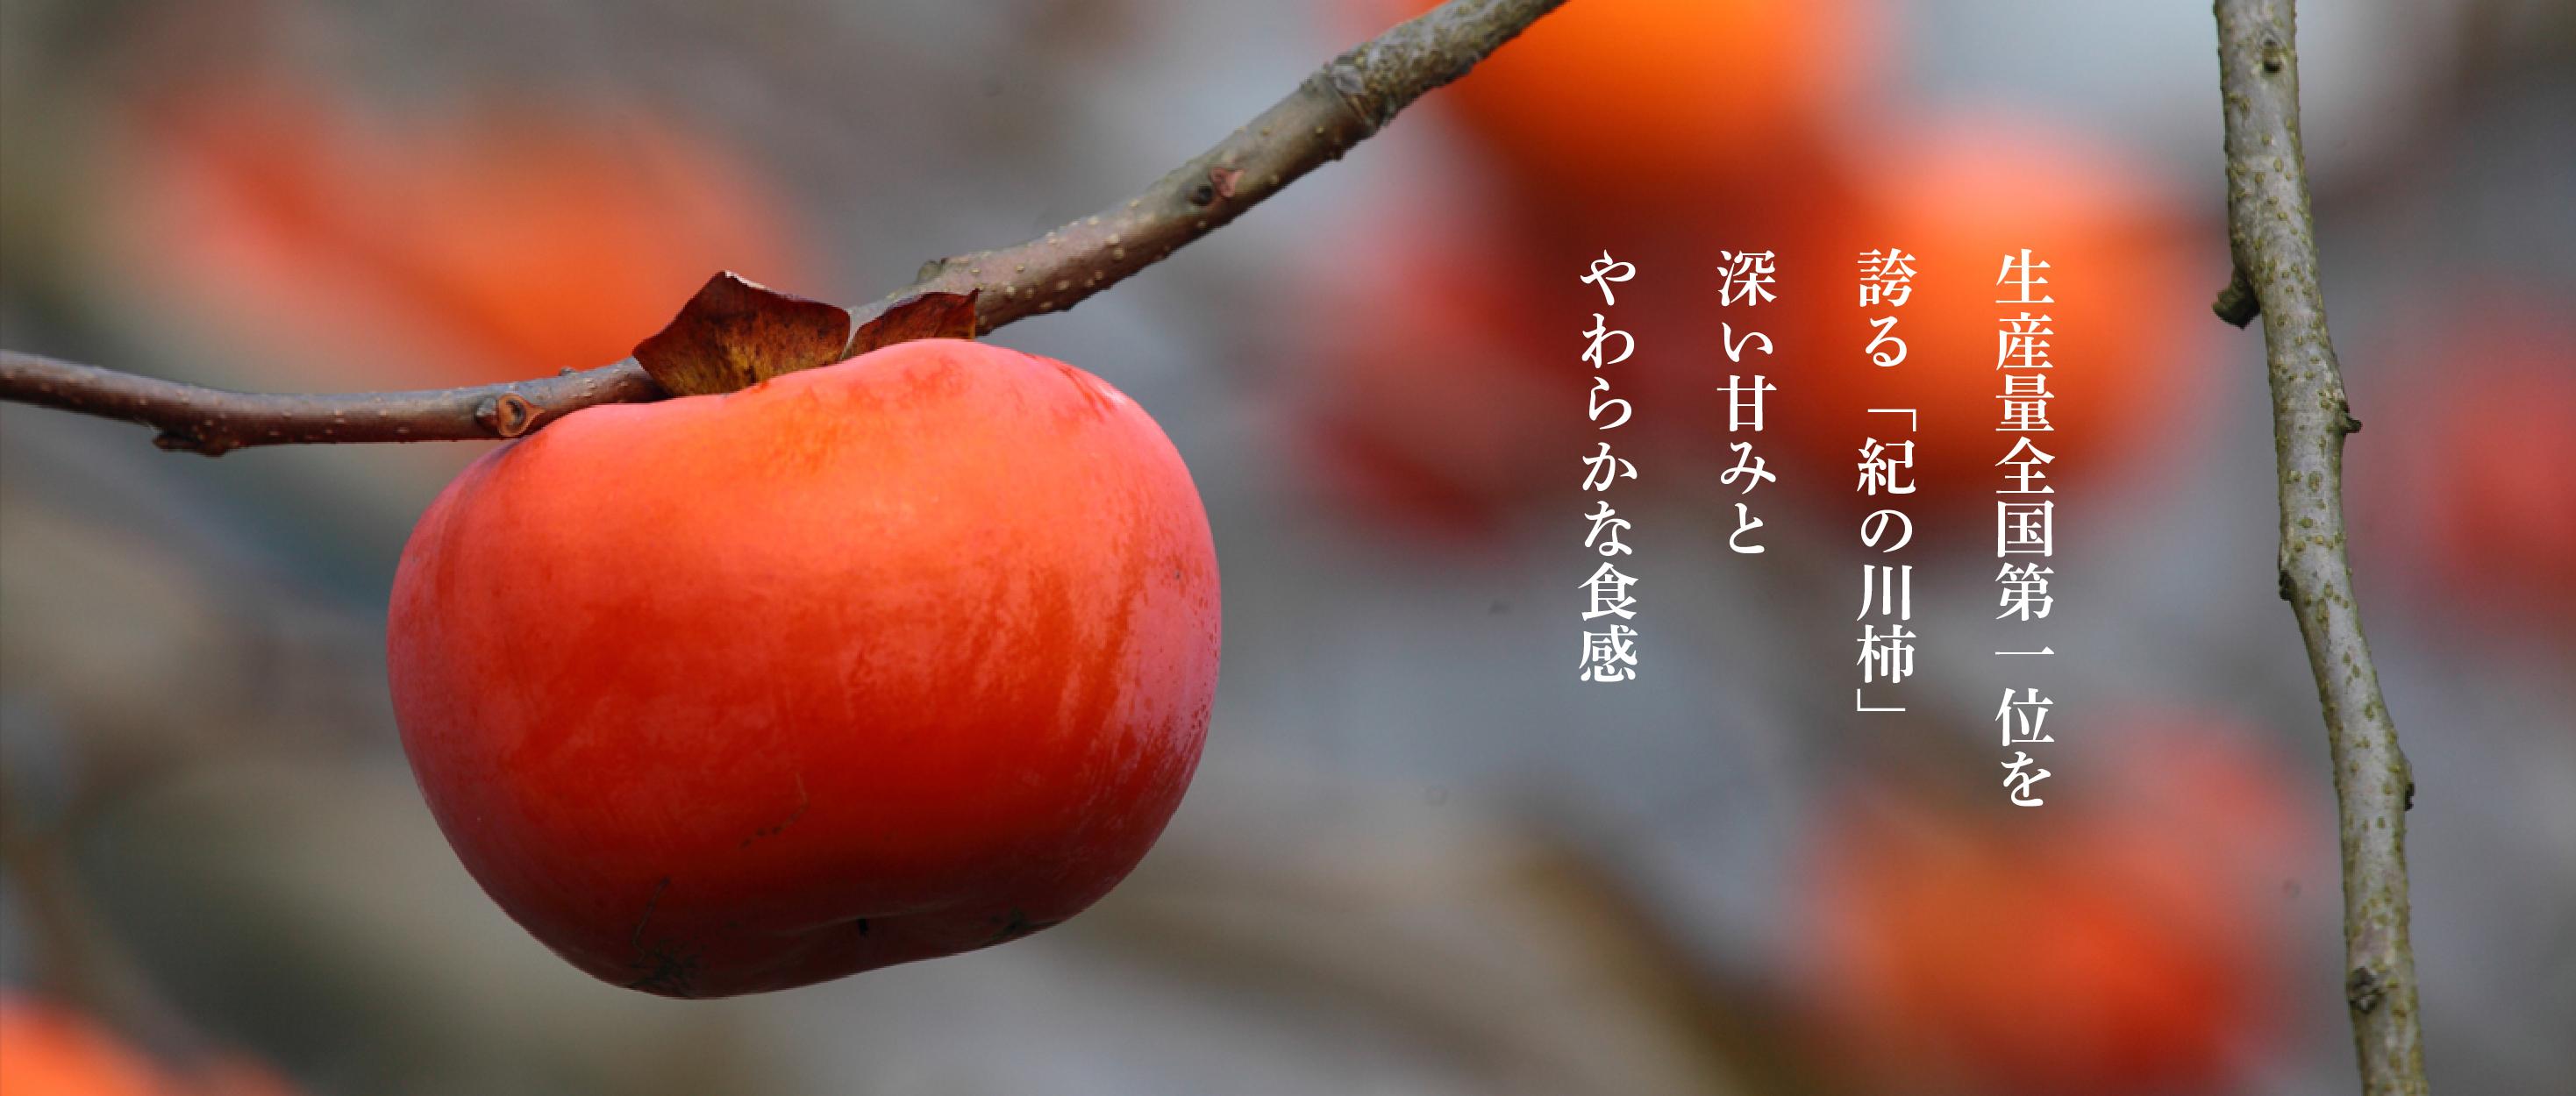 生産量全国第一位を誇る「紀の川柿」深い甘みとやわらかな食感